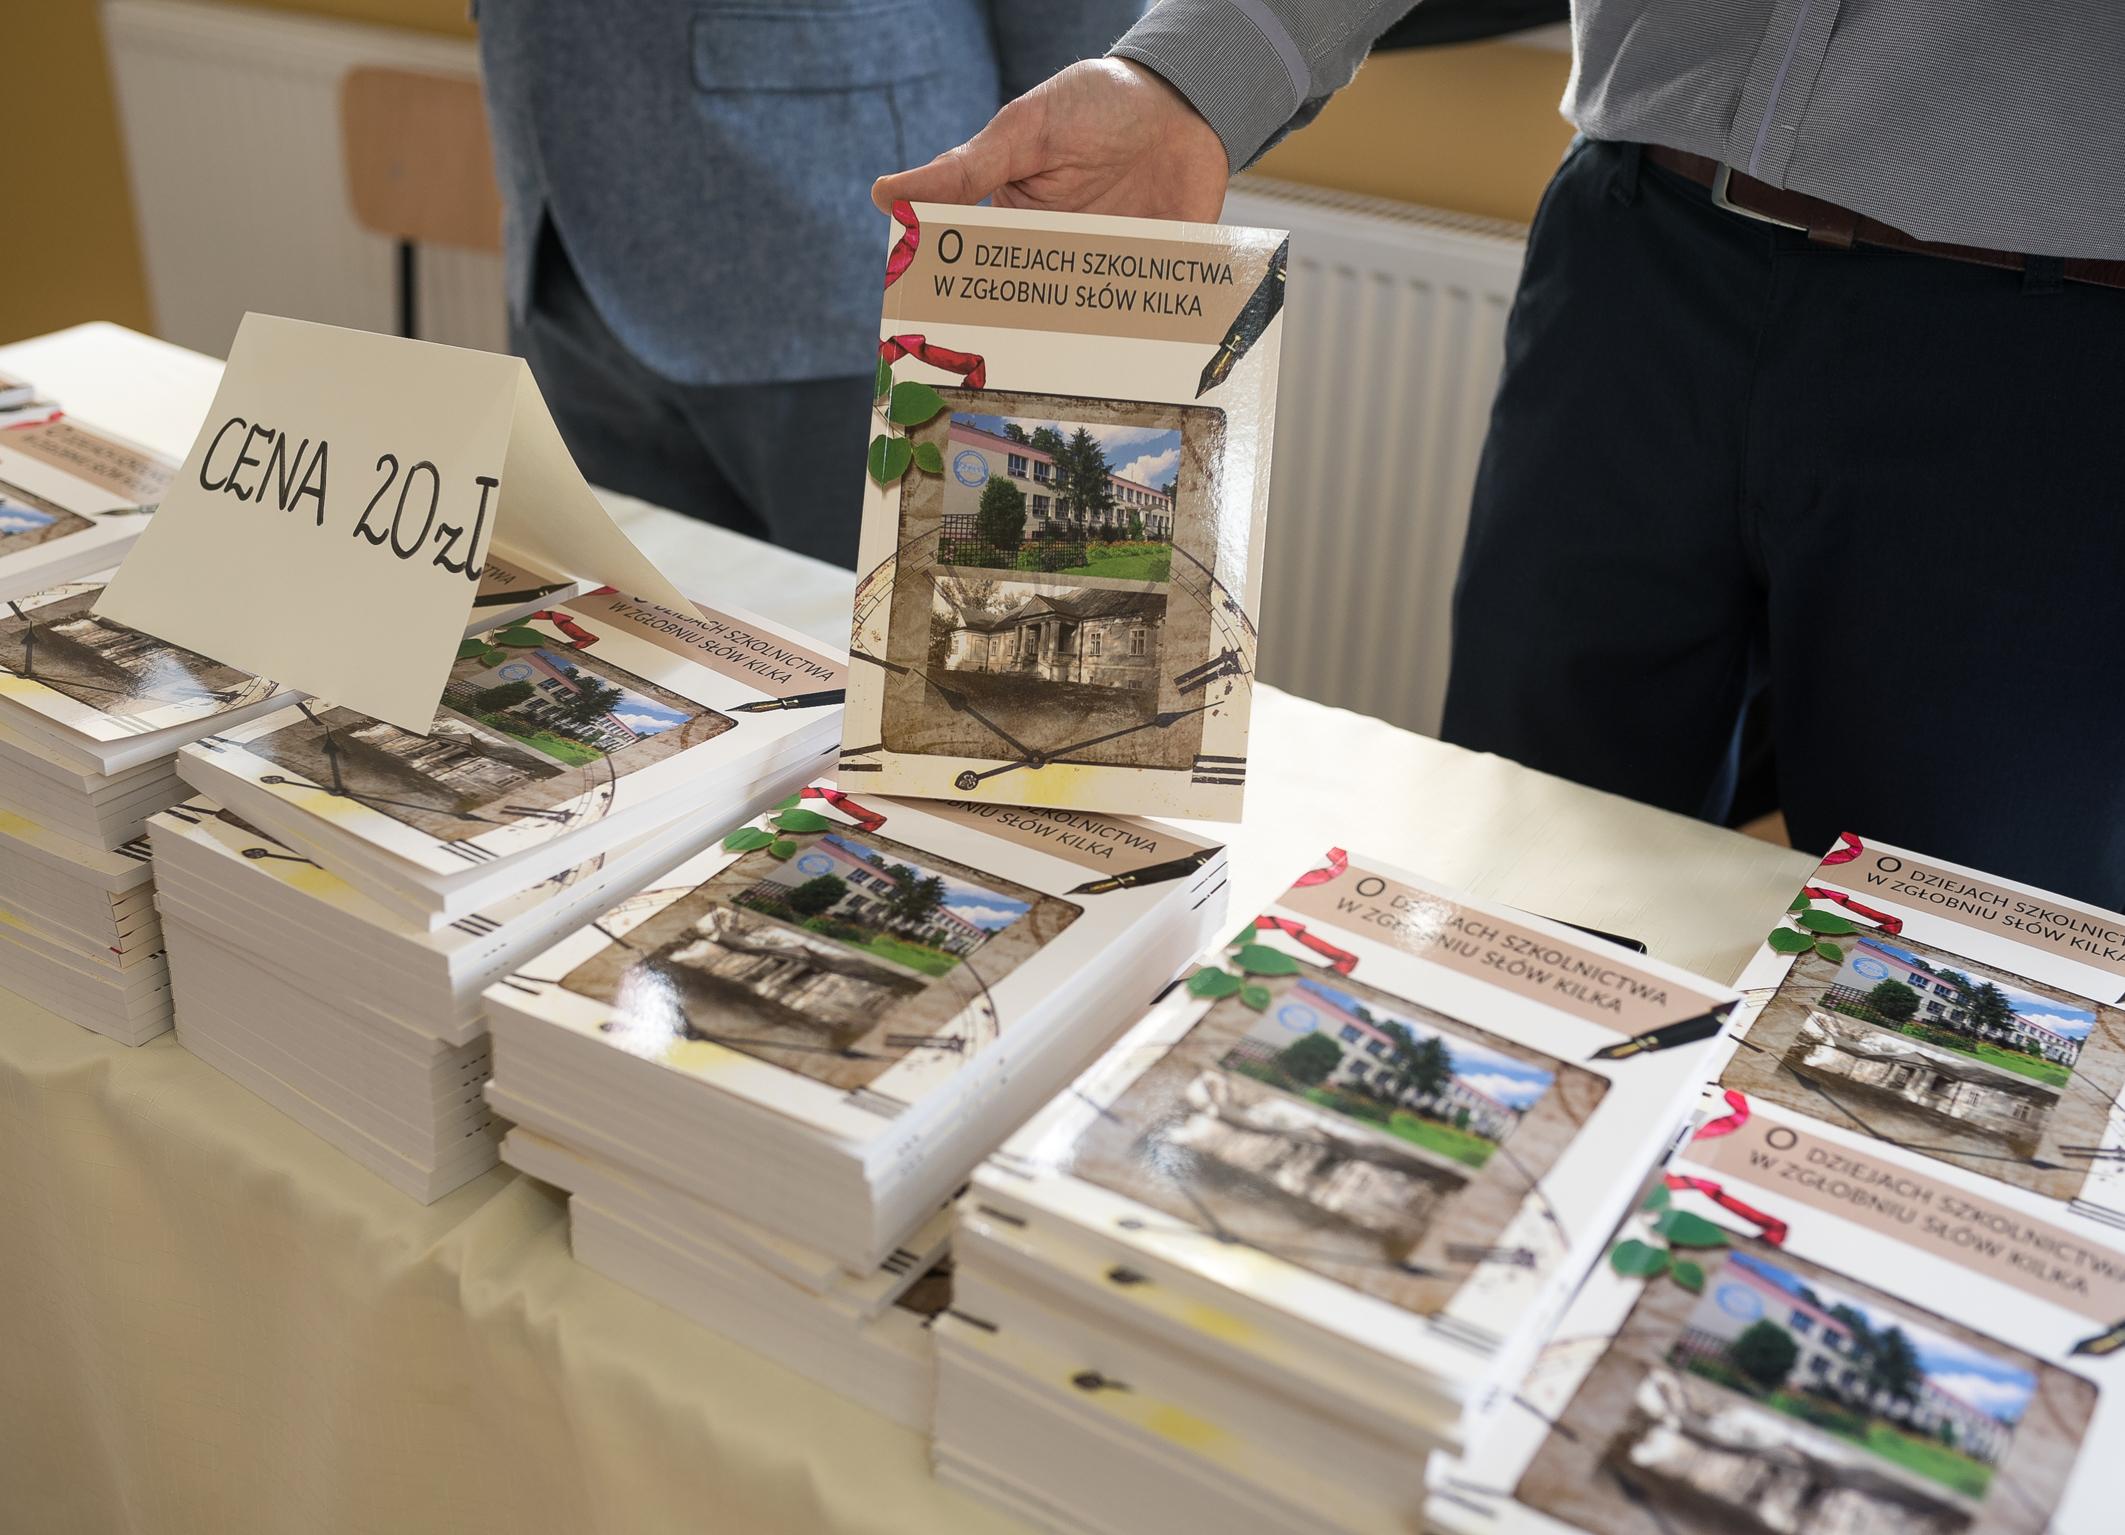 Książka o historii szkoły w Zgłobniu – w sprzedaży